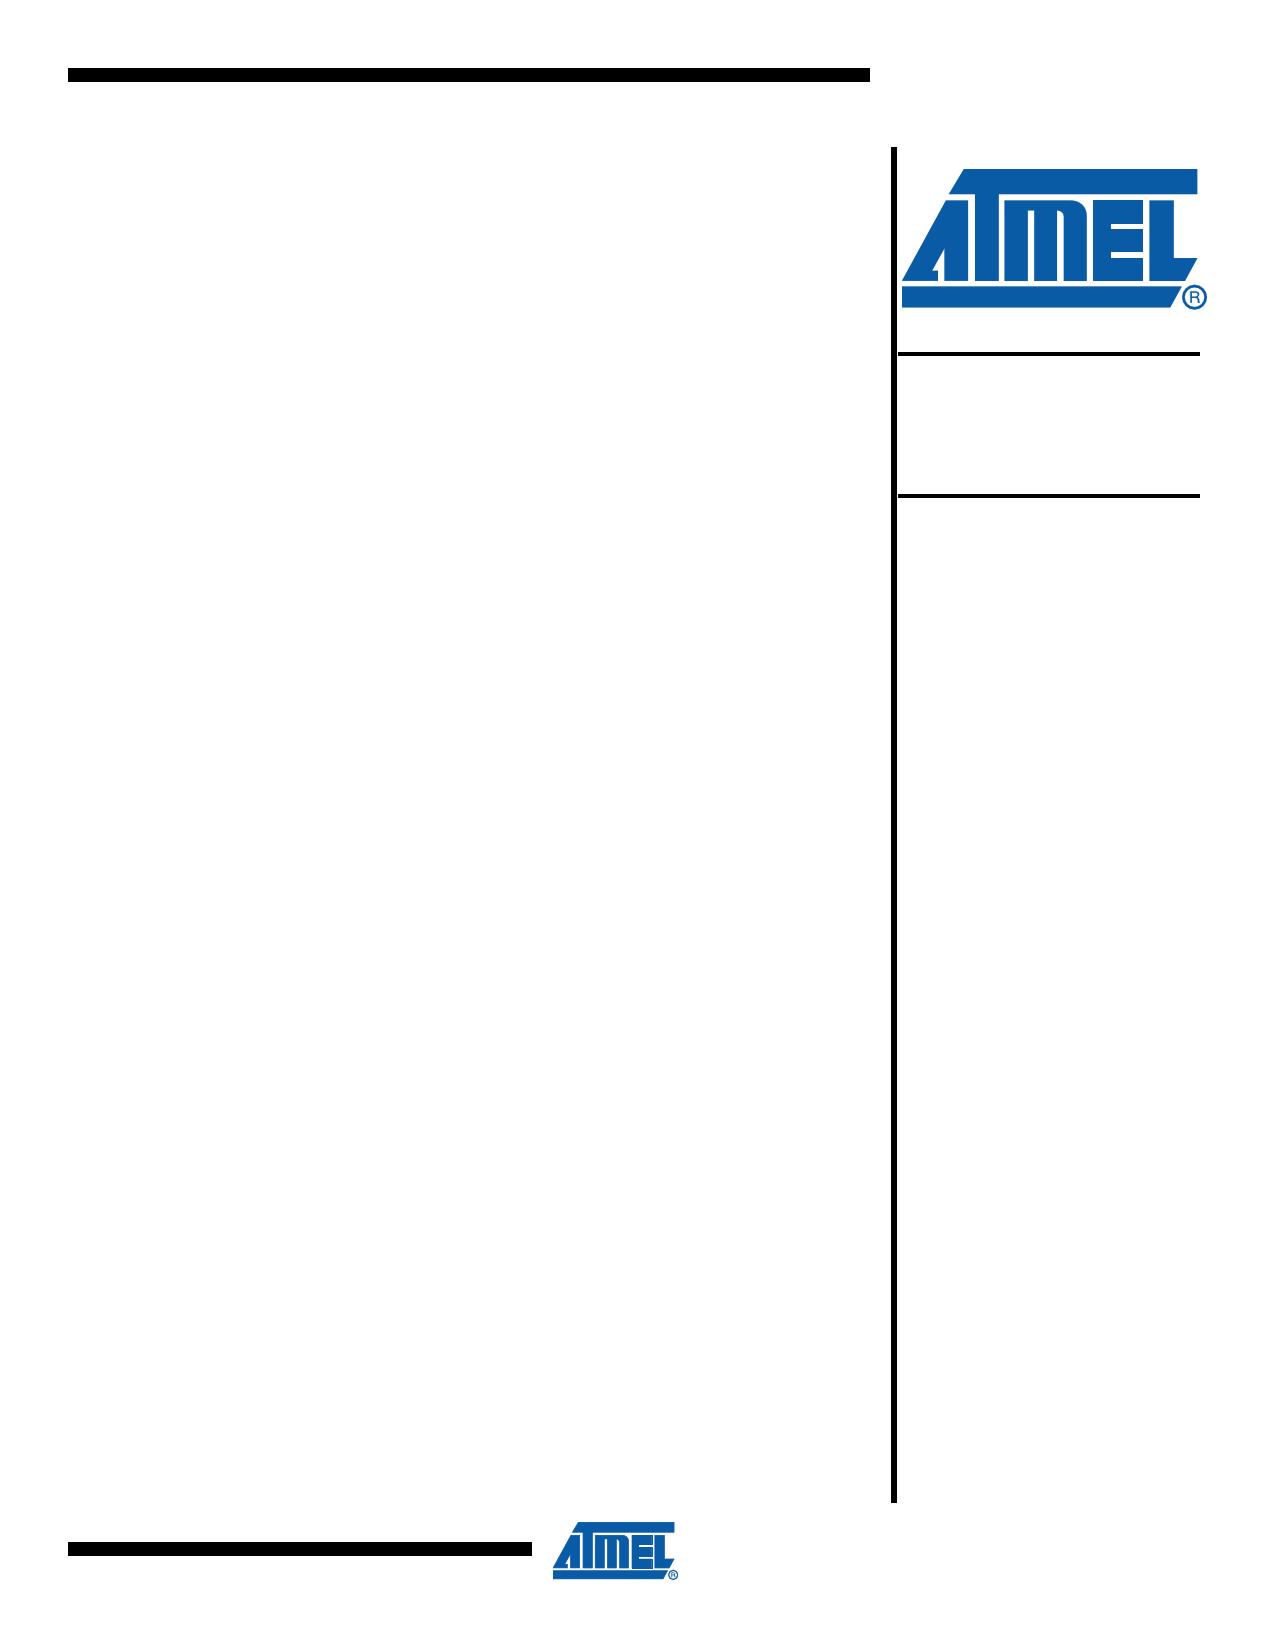 AT32UC3A4256S Datasheet, ピン配置, 機能